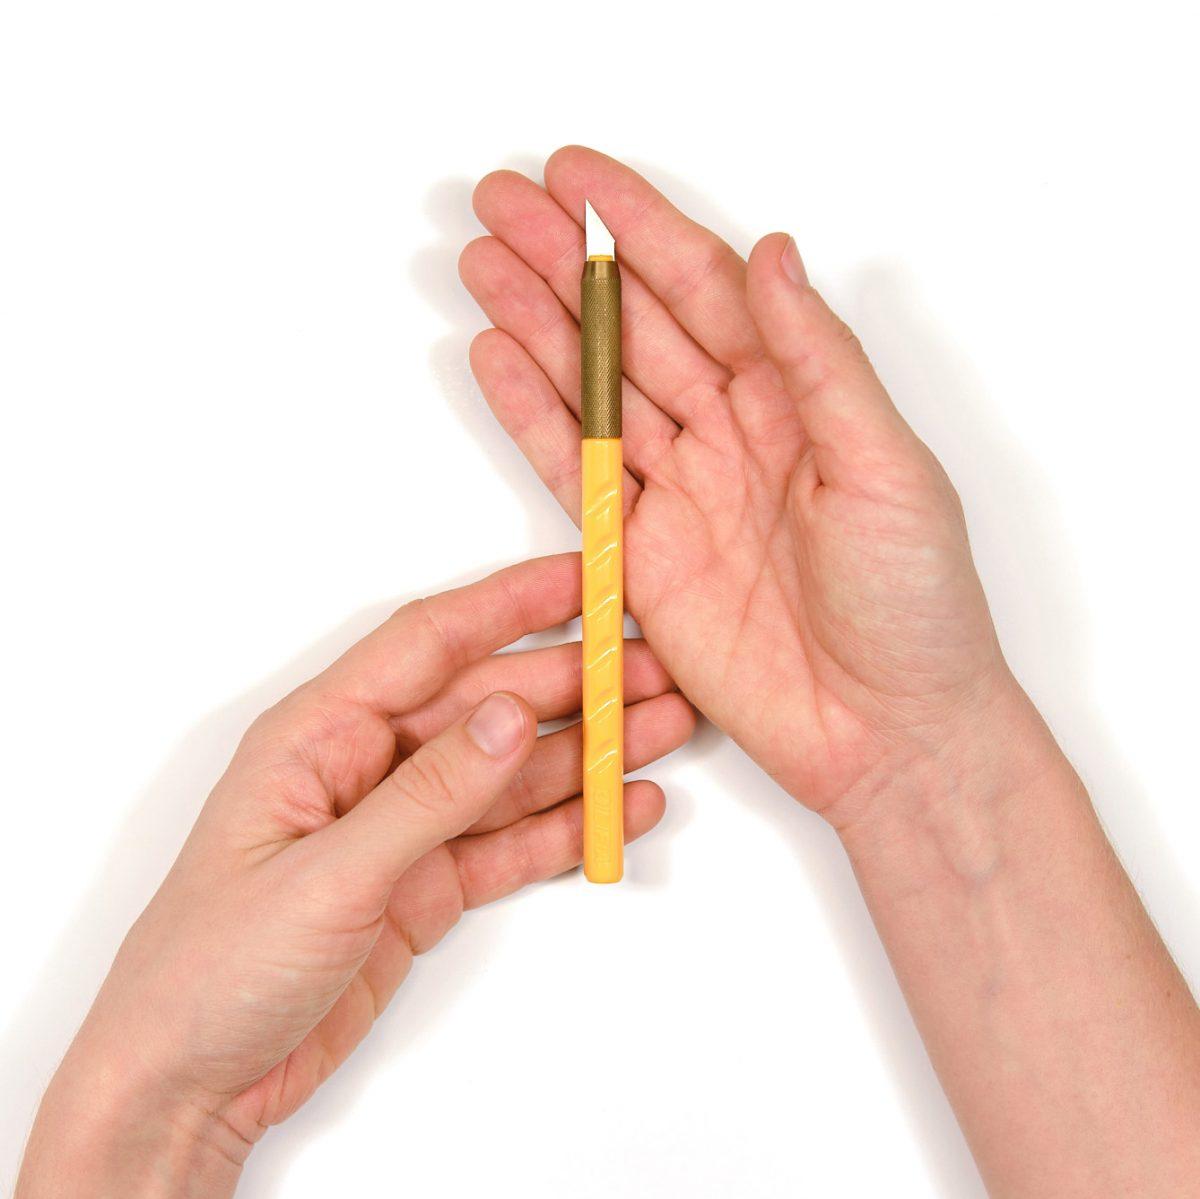 Ножницы (10 см)